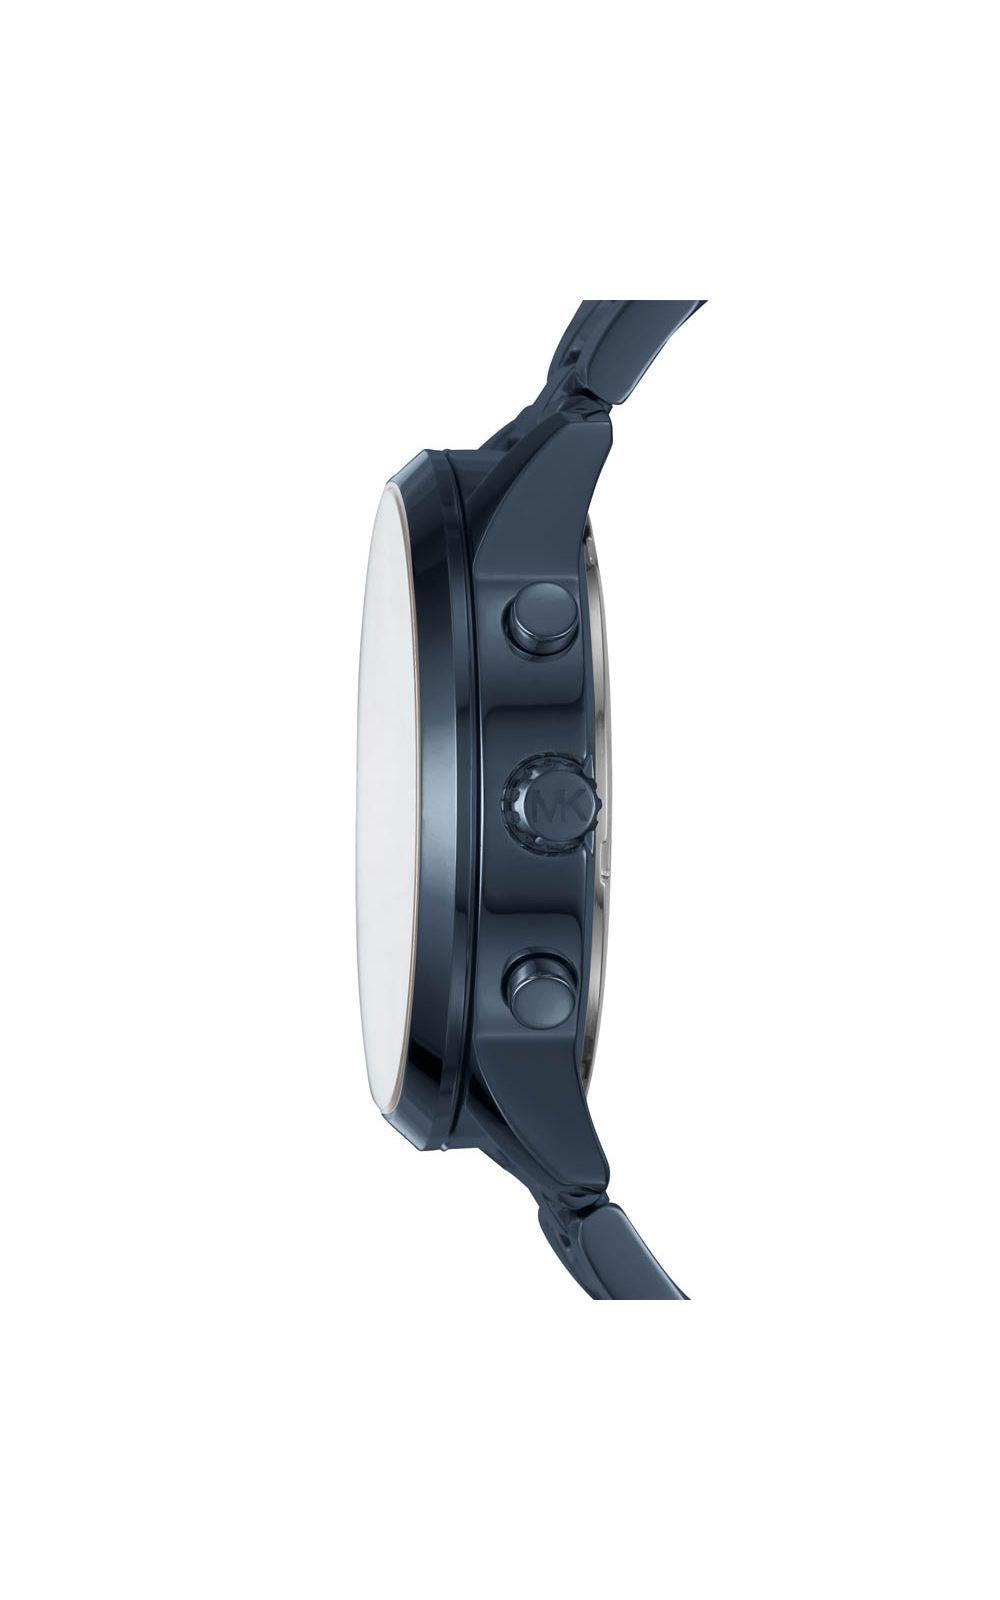 66e7f523e3594 ... Foto 2 - Relógio Michael Kors Feminino Azul Slater - MK6522 4AN